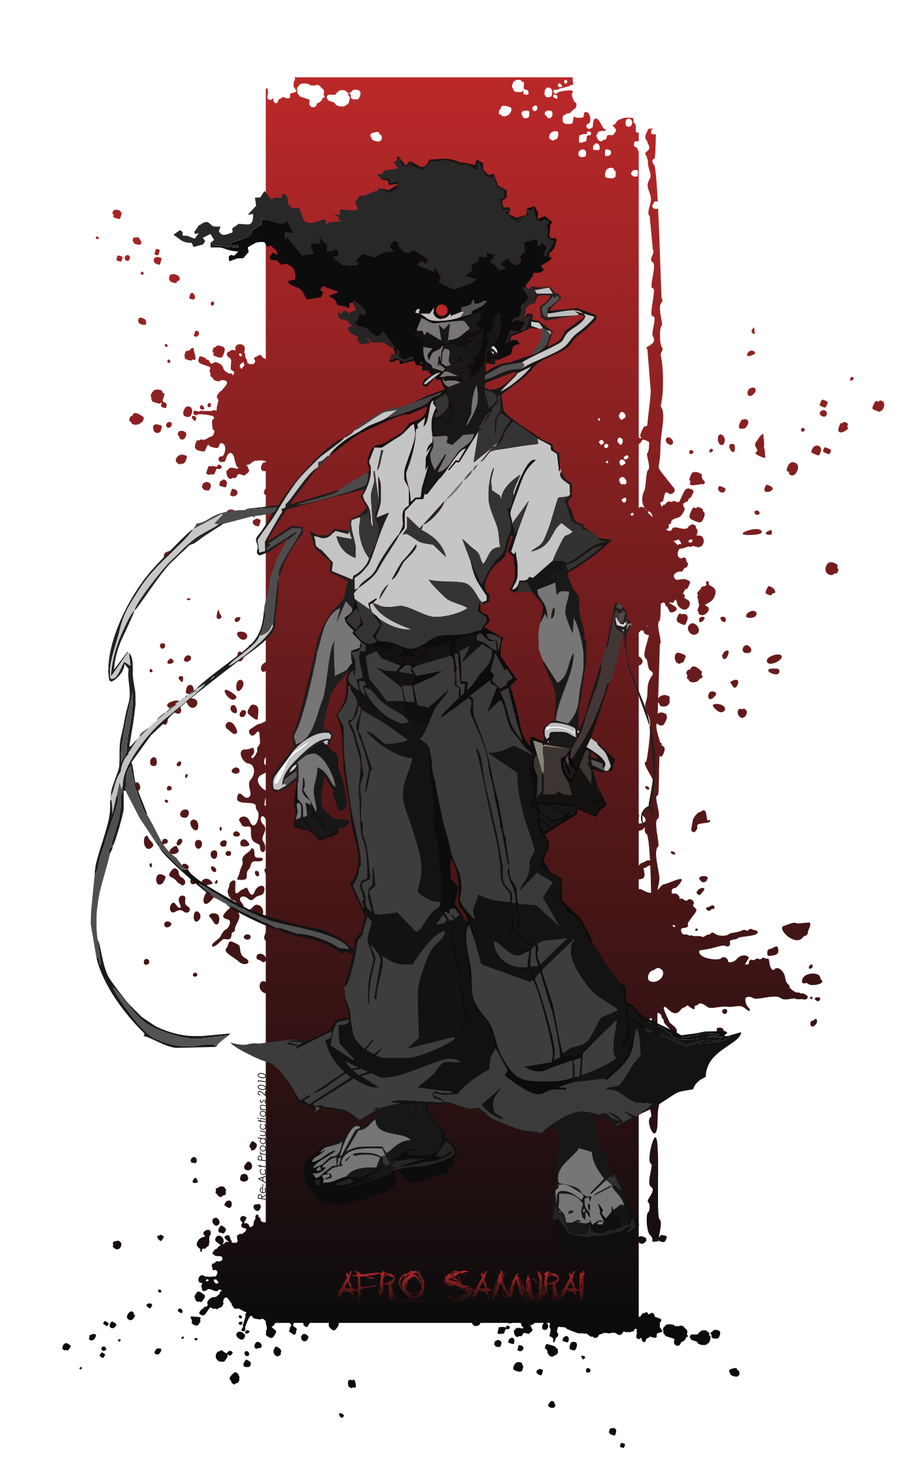 Takashi Okazaki Afro Samurai Afro Samurai Afro Samurai